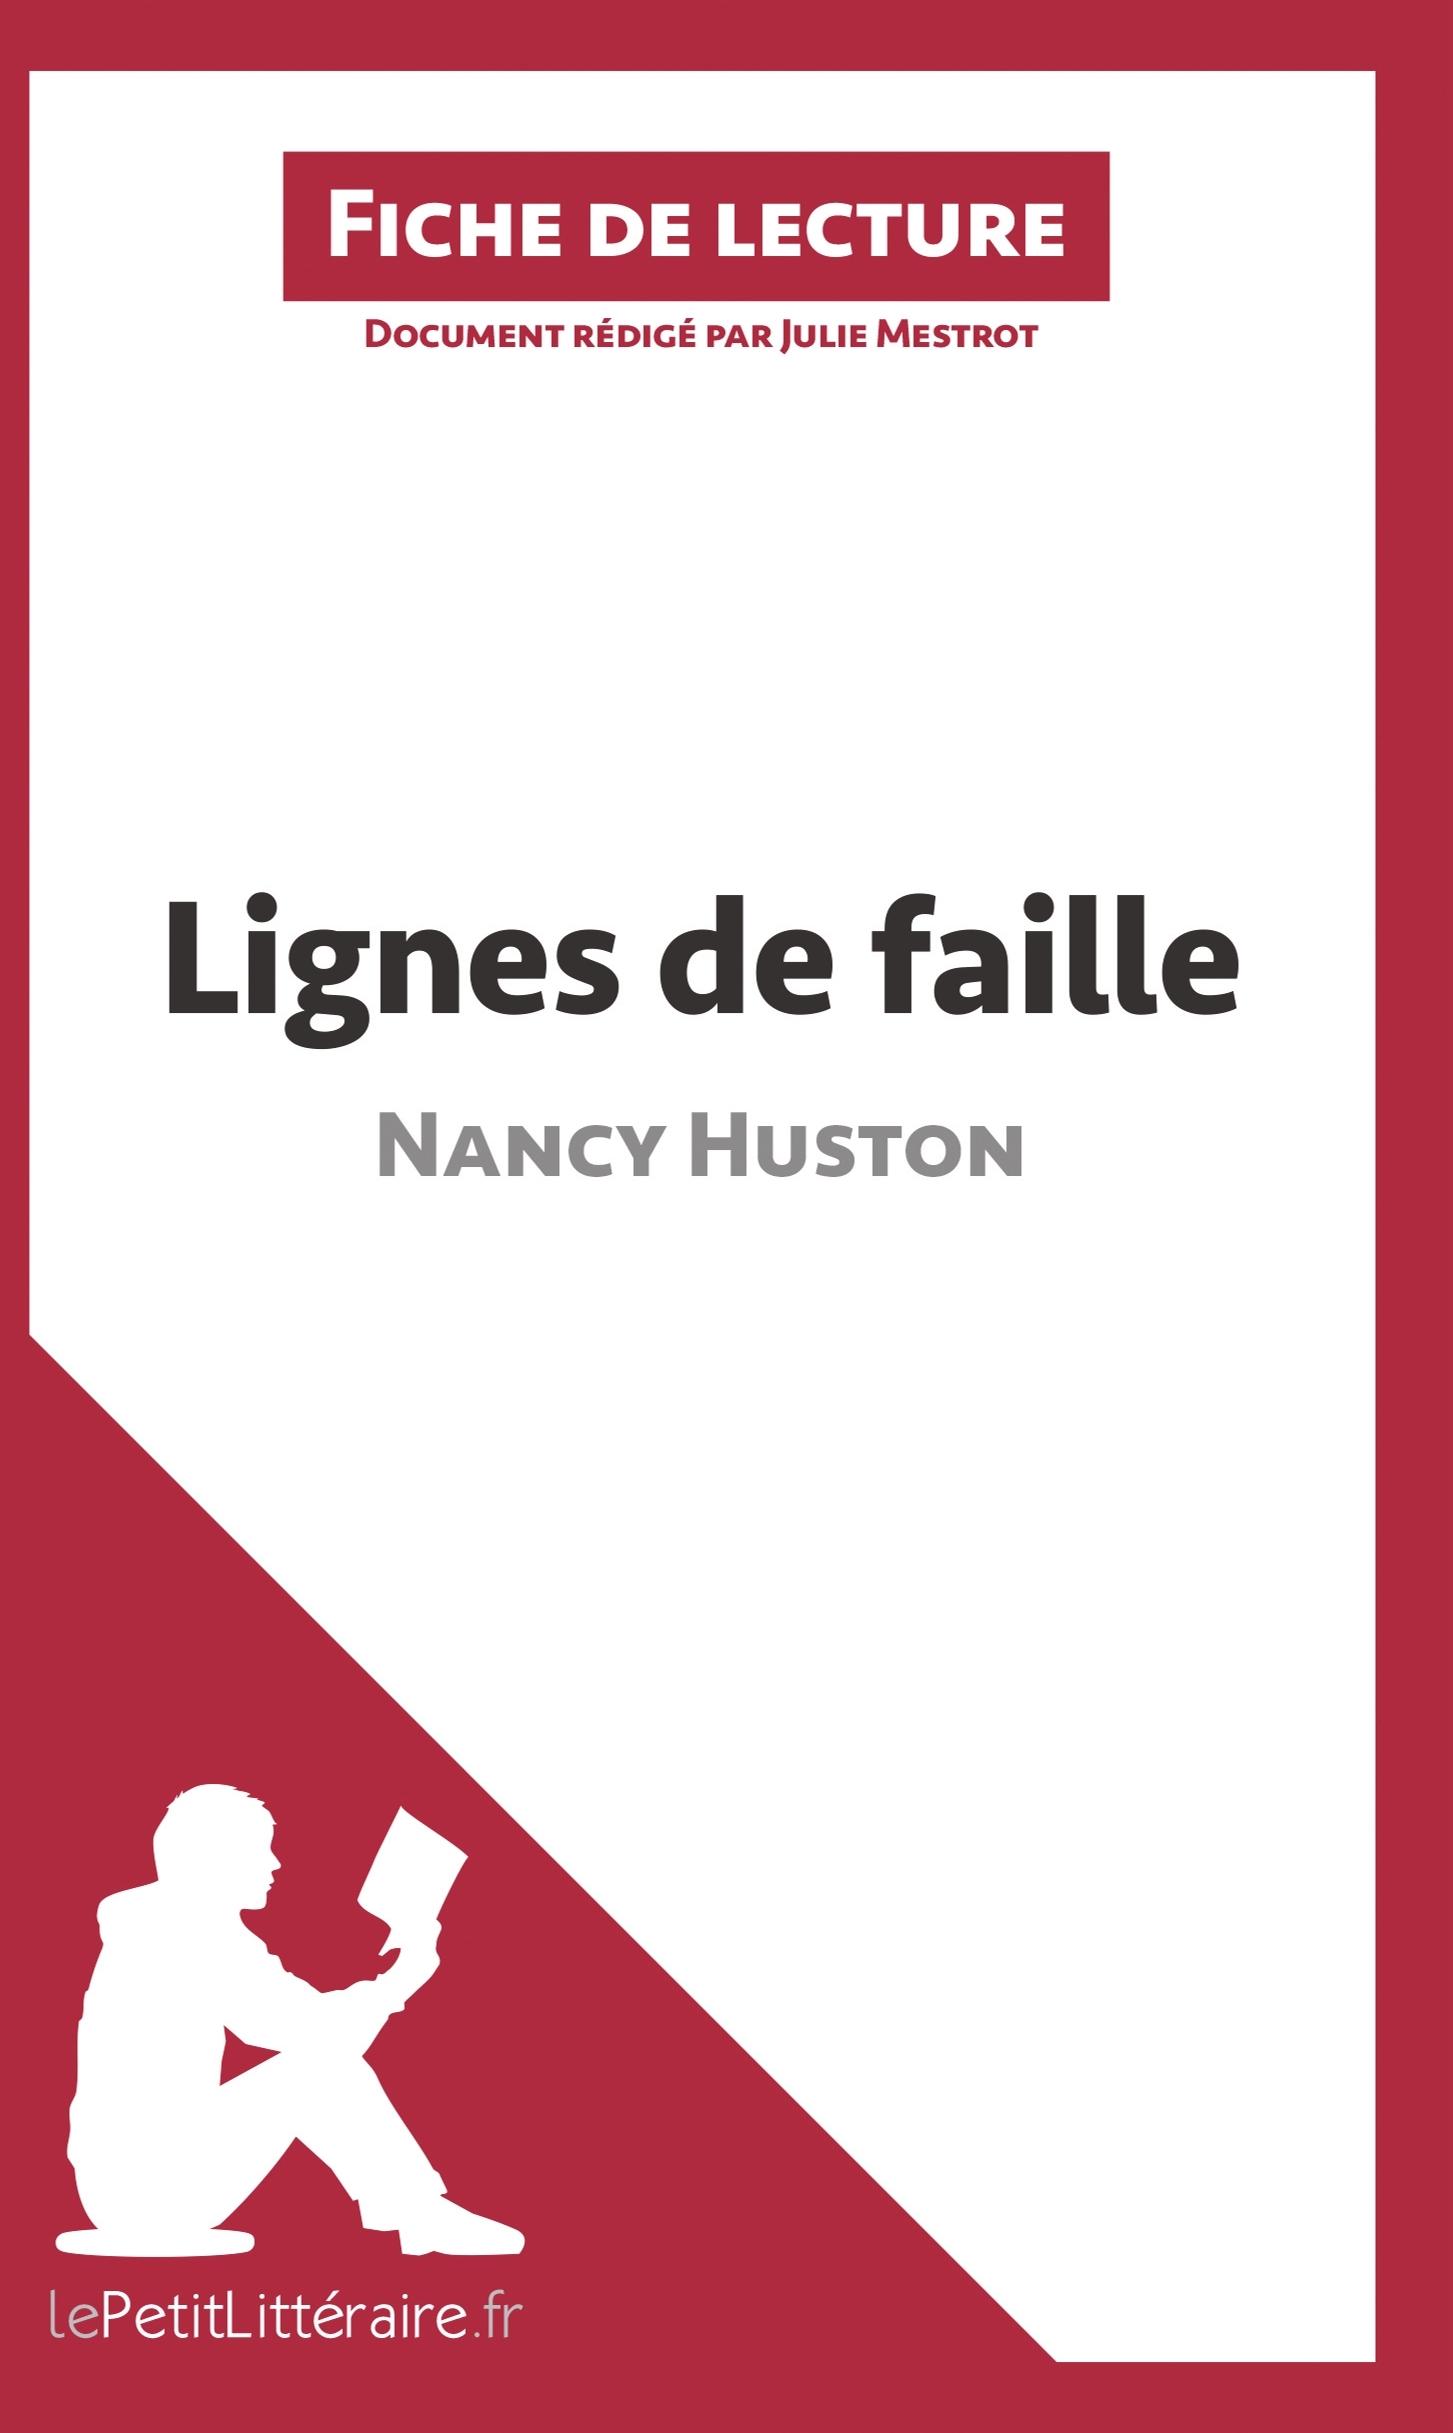 ANALYSE LIGNES DE FAILLE DE NANCY HUSTON ANALYSE COMPLETE DE L UVRE ET RESUME